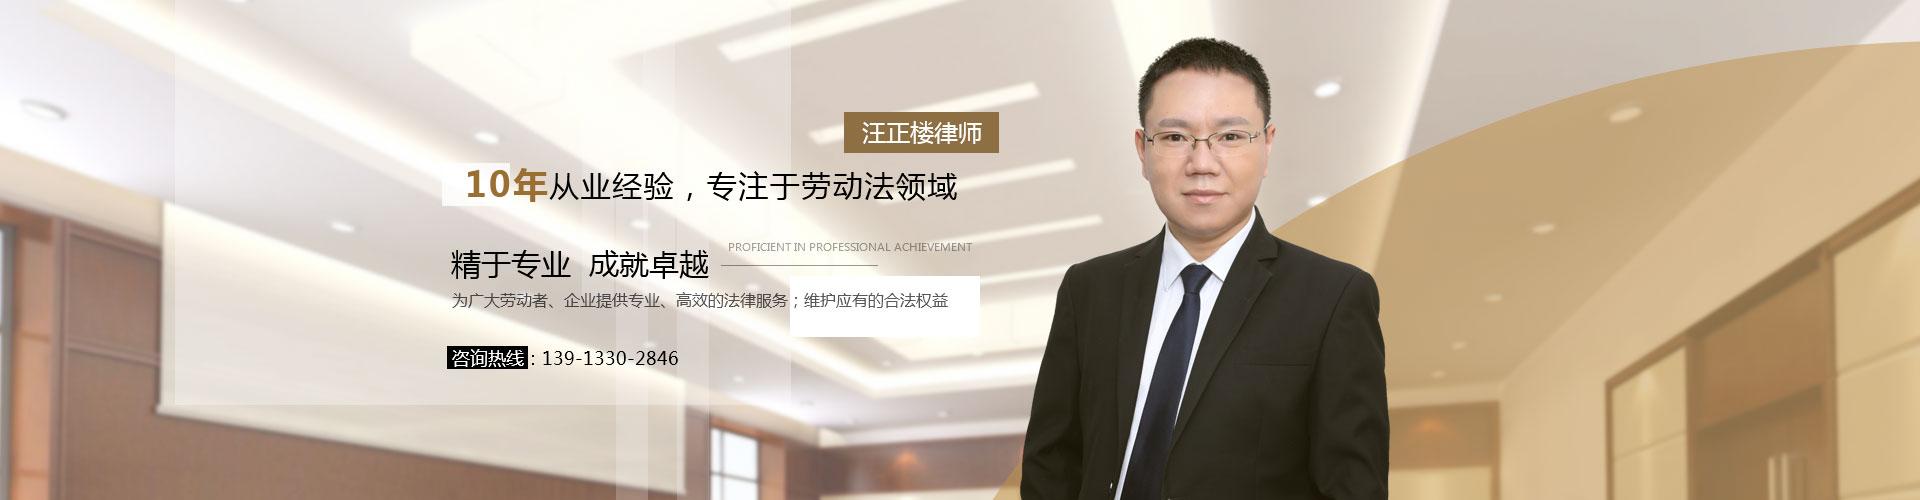 江苏汪正楼律师